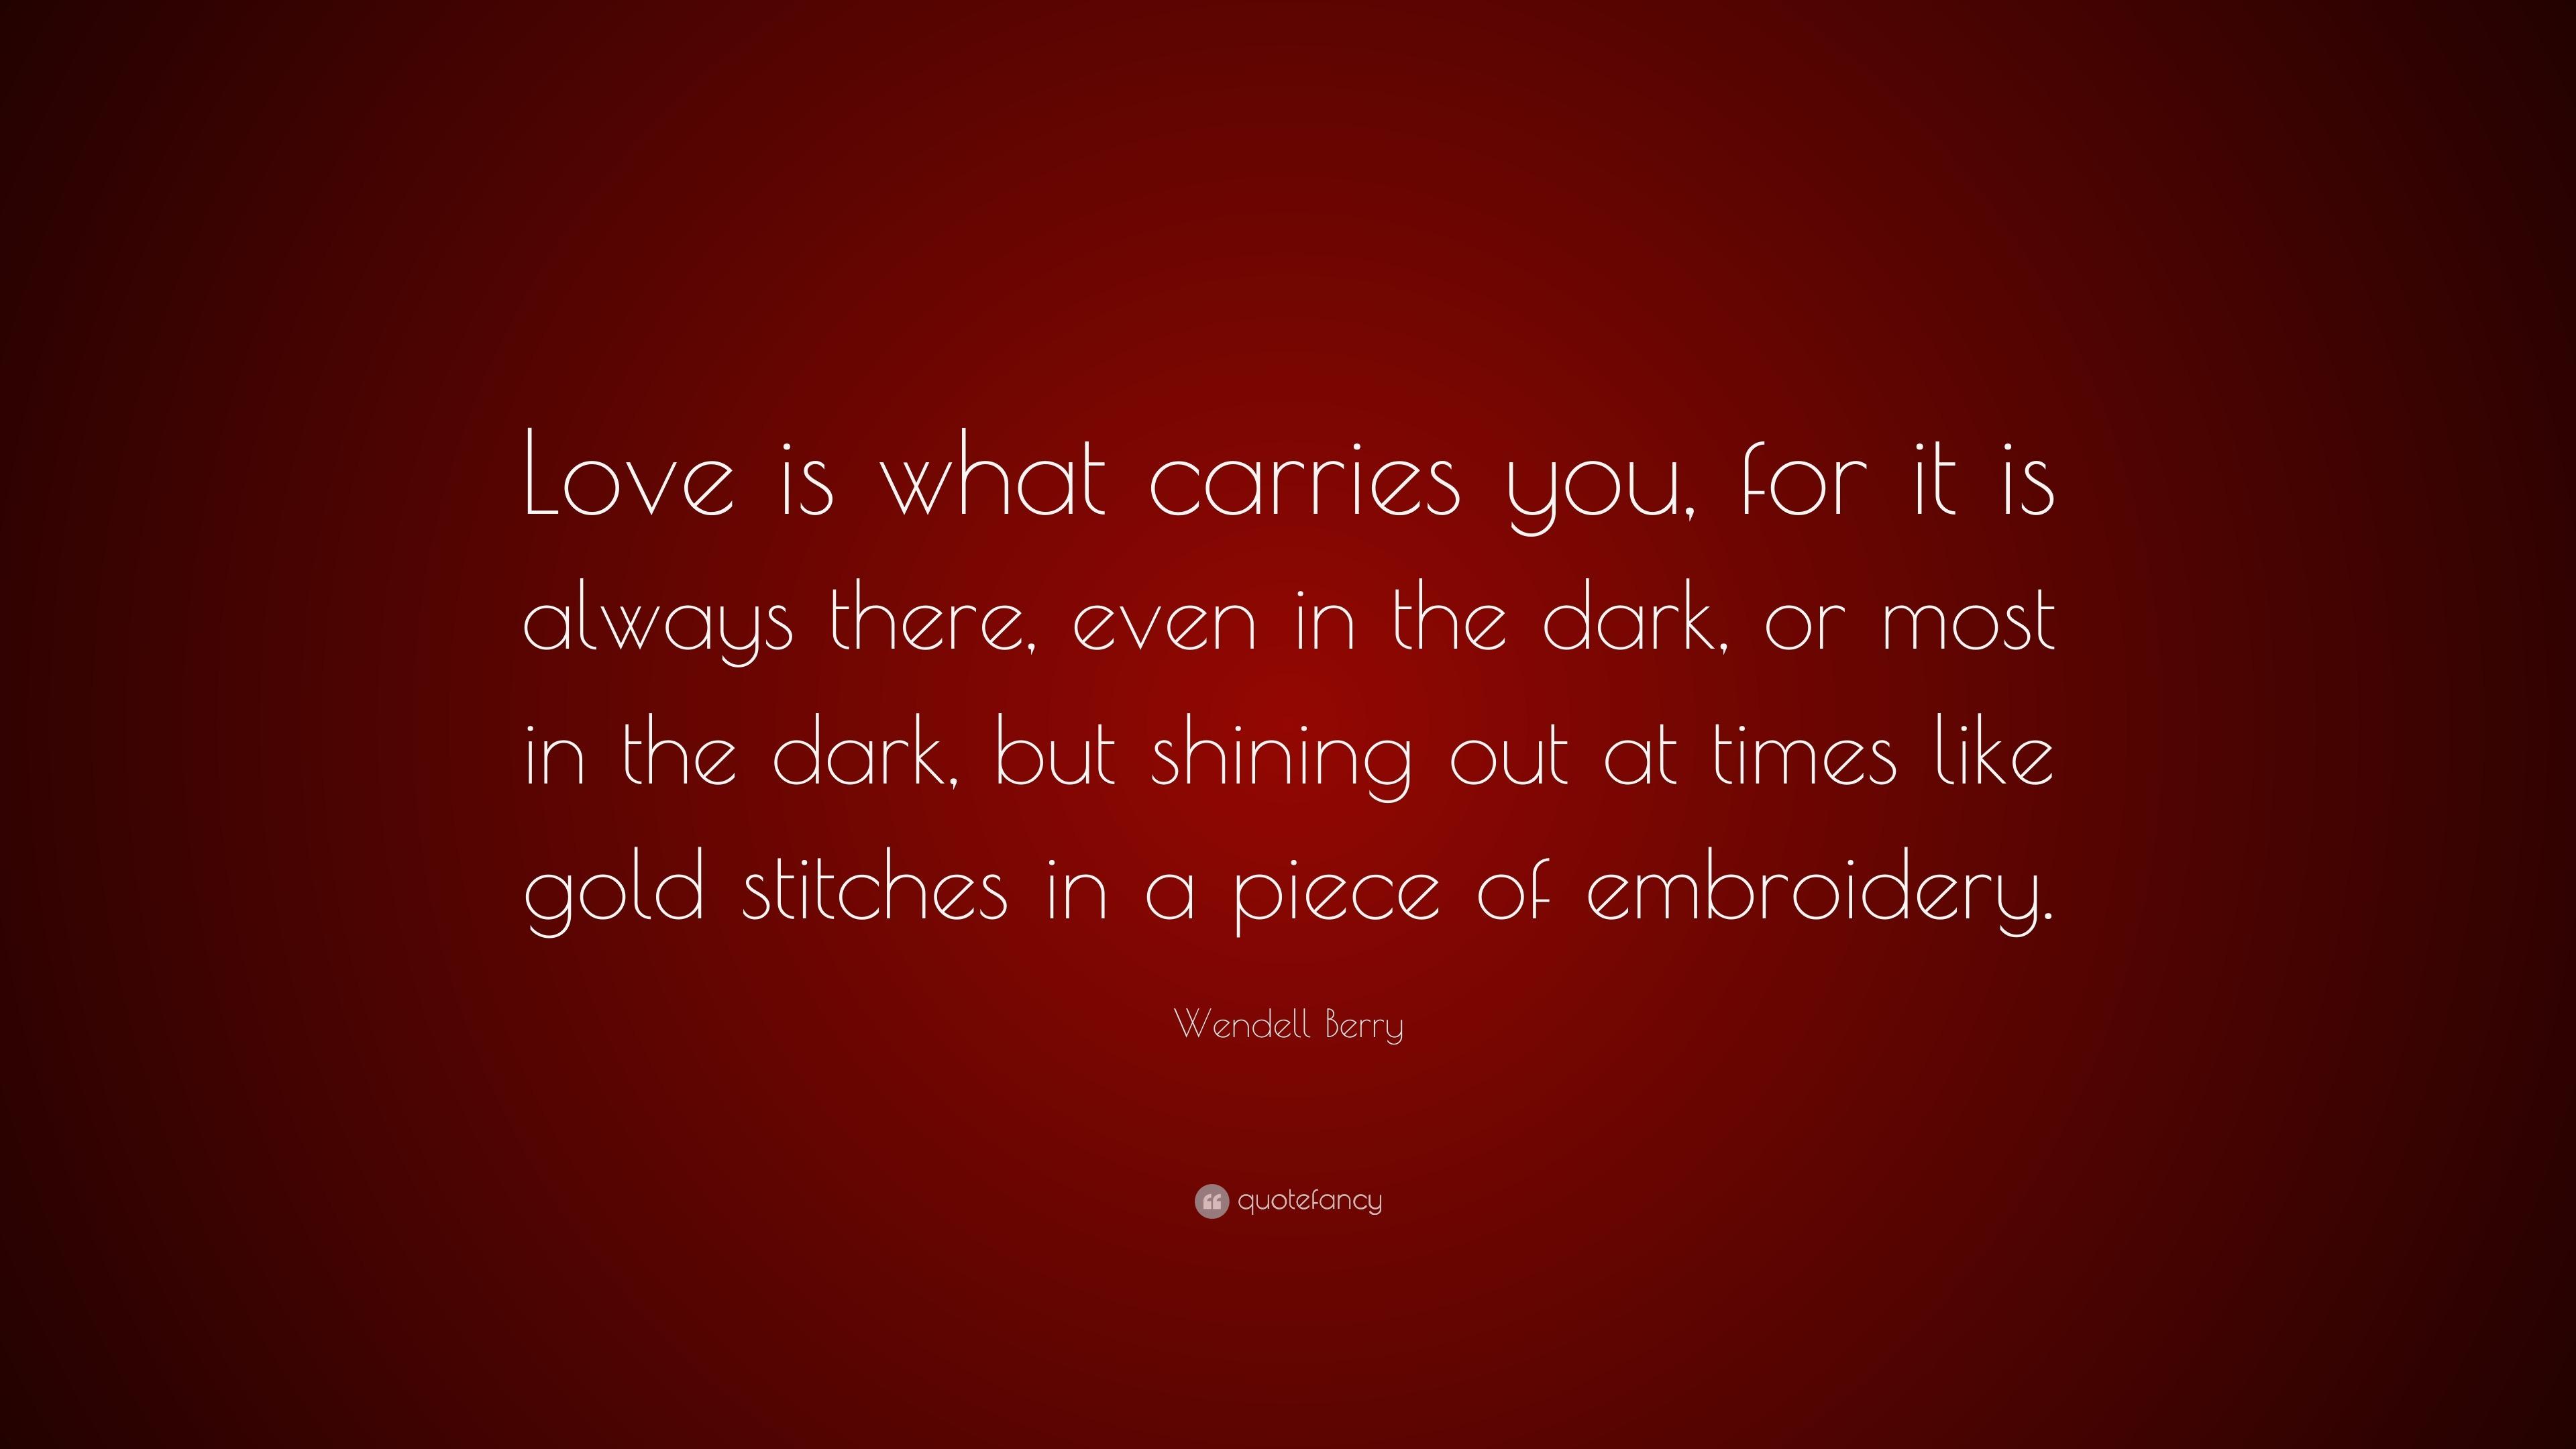 Bildergebnis für love is always there quotes